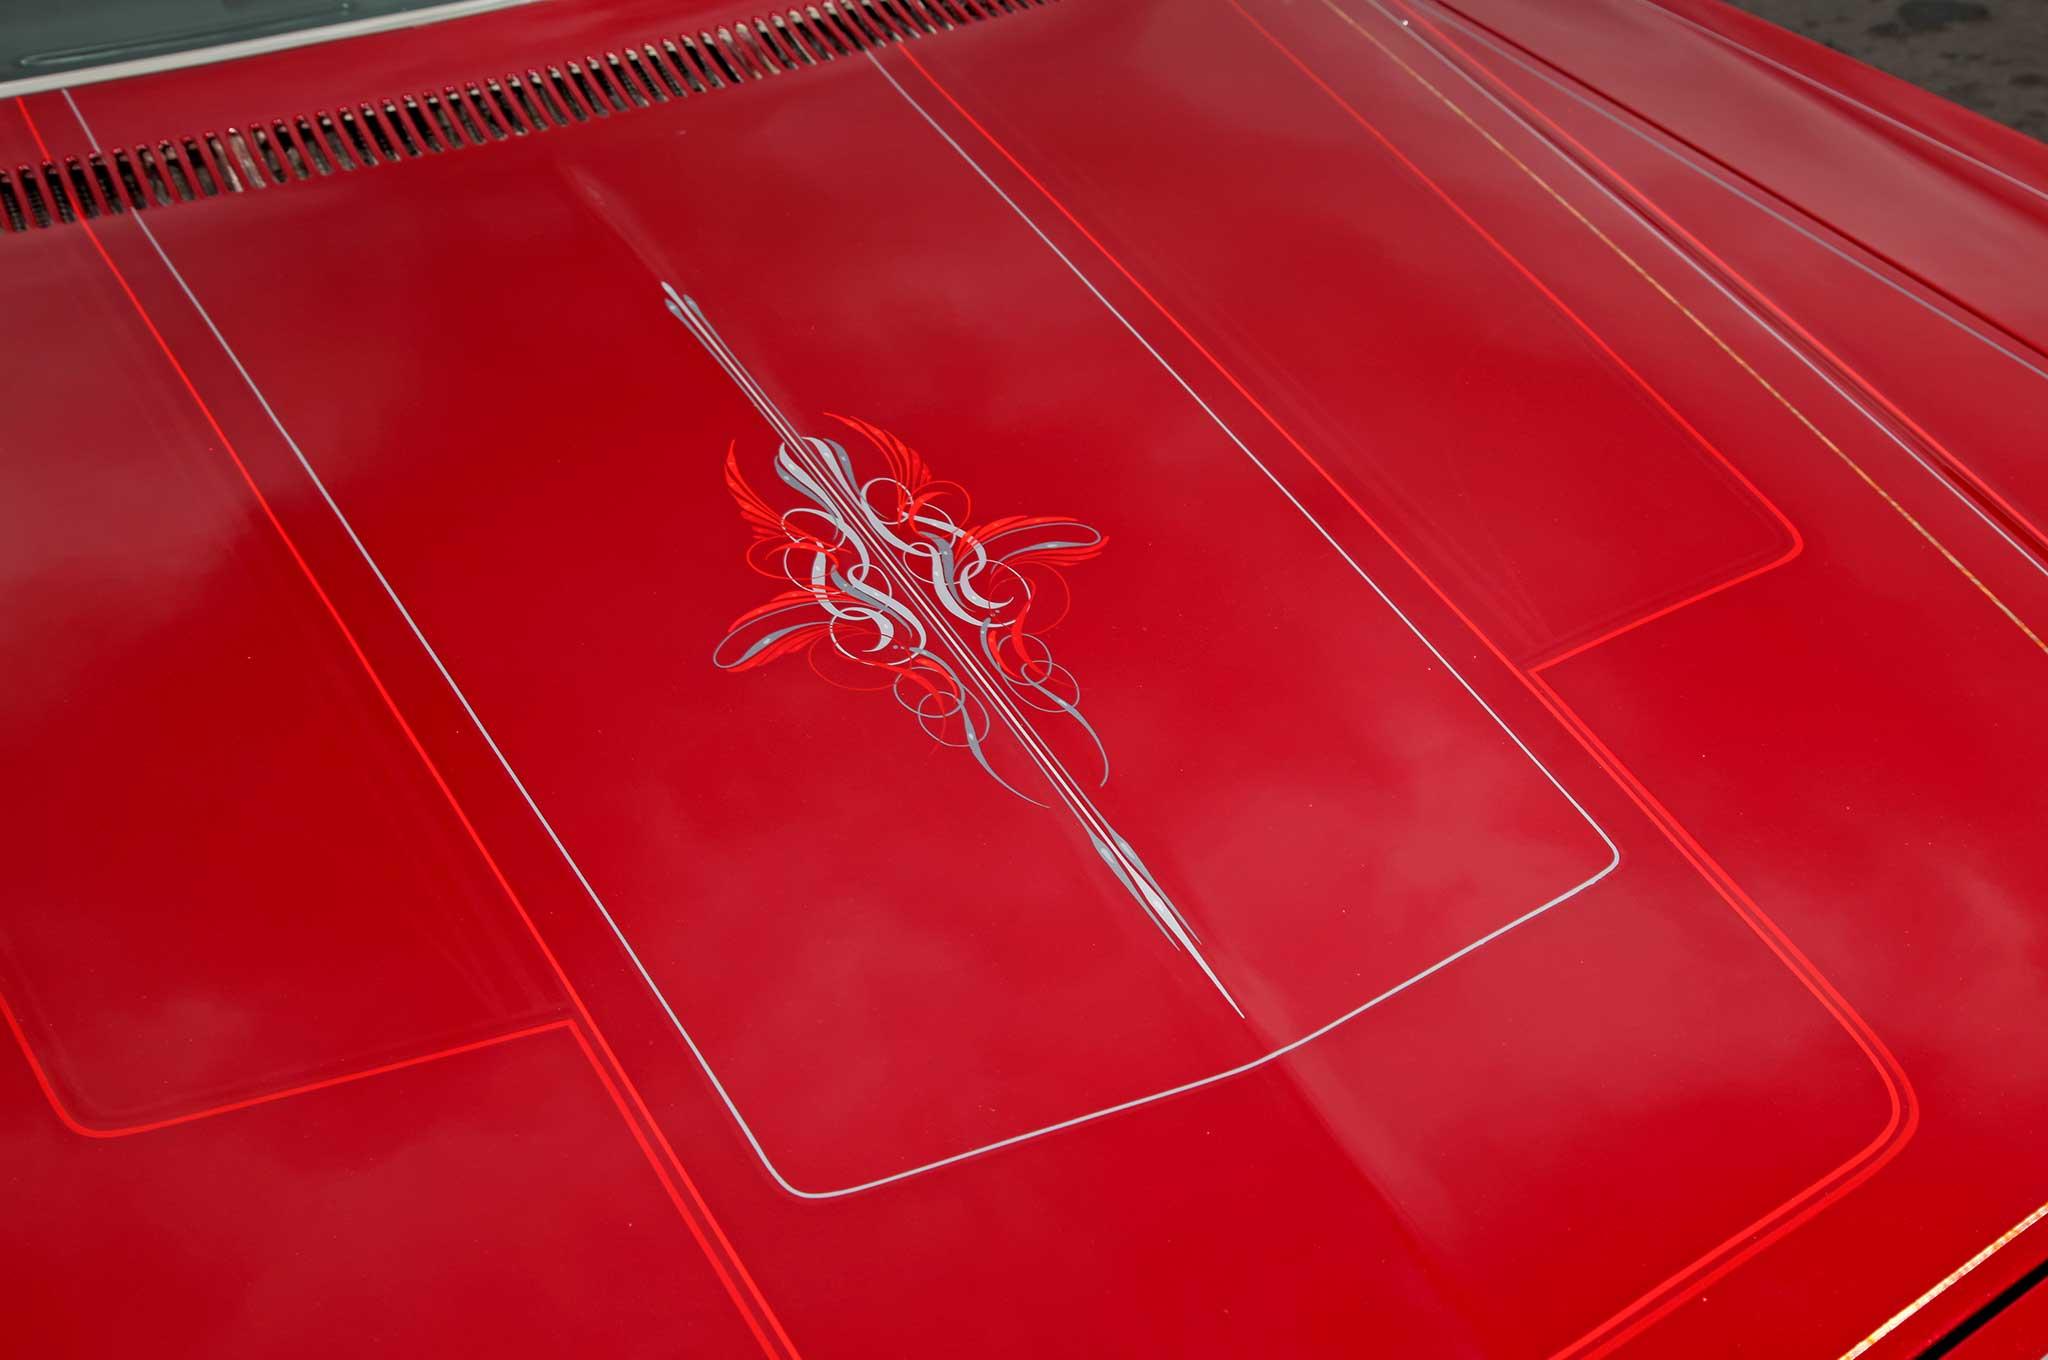 1968-chevrolet-impala-convertible-pinstriping